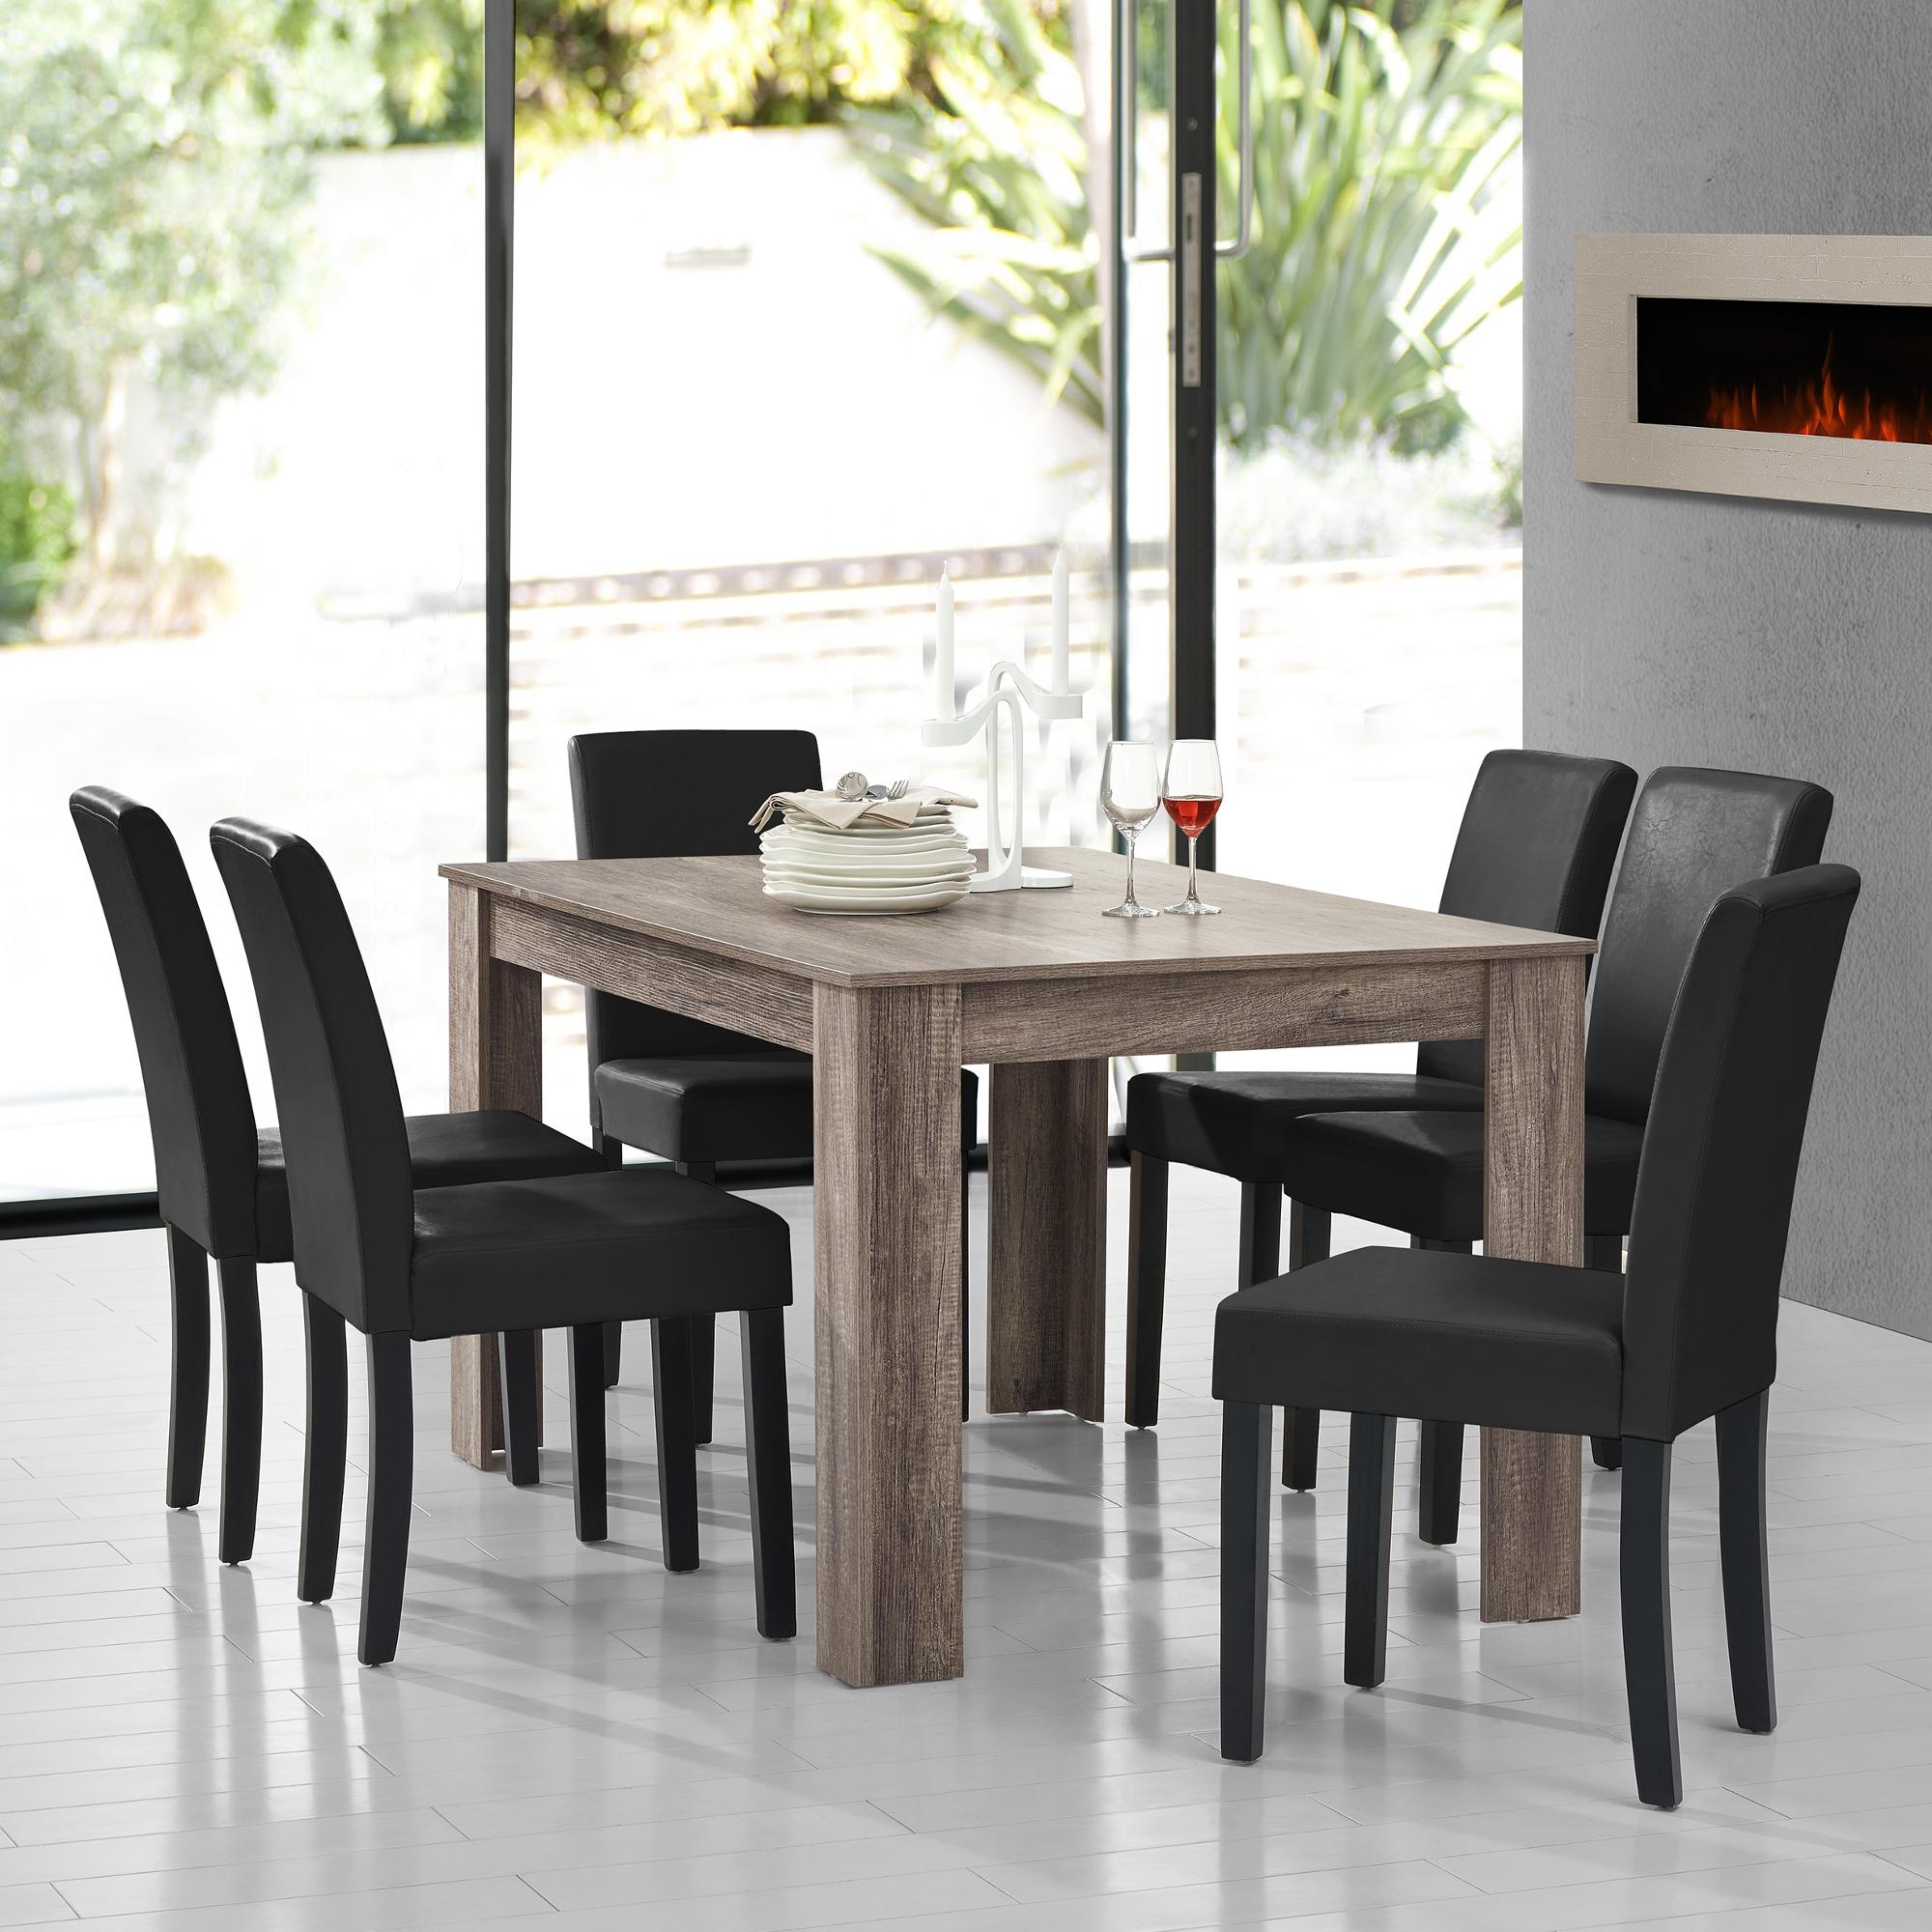 [en.casa] Dining Table antique Oak mit 6 Chairs black ...